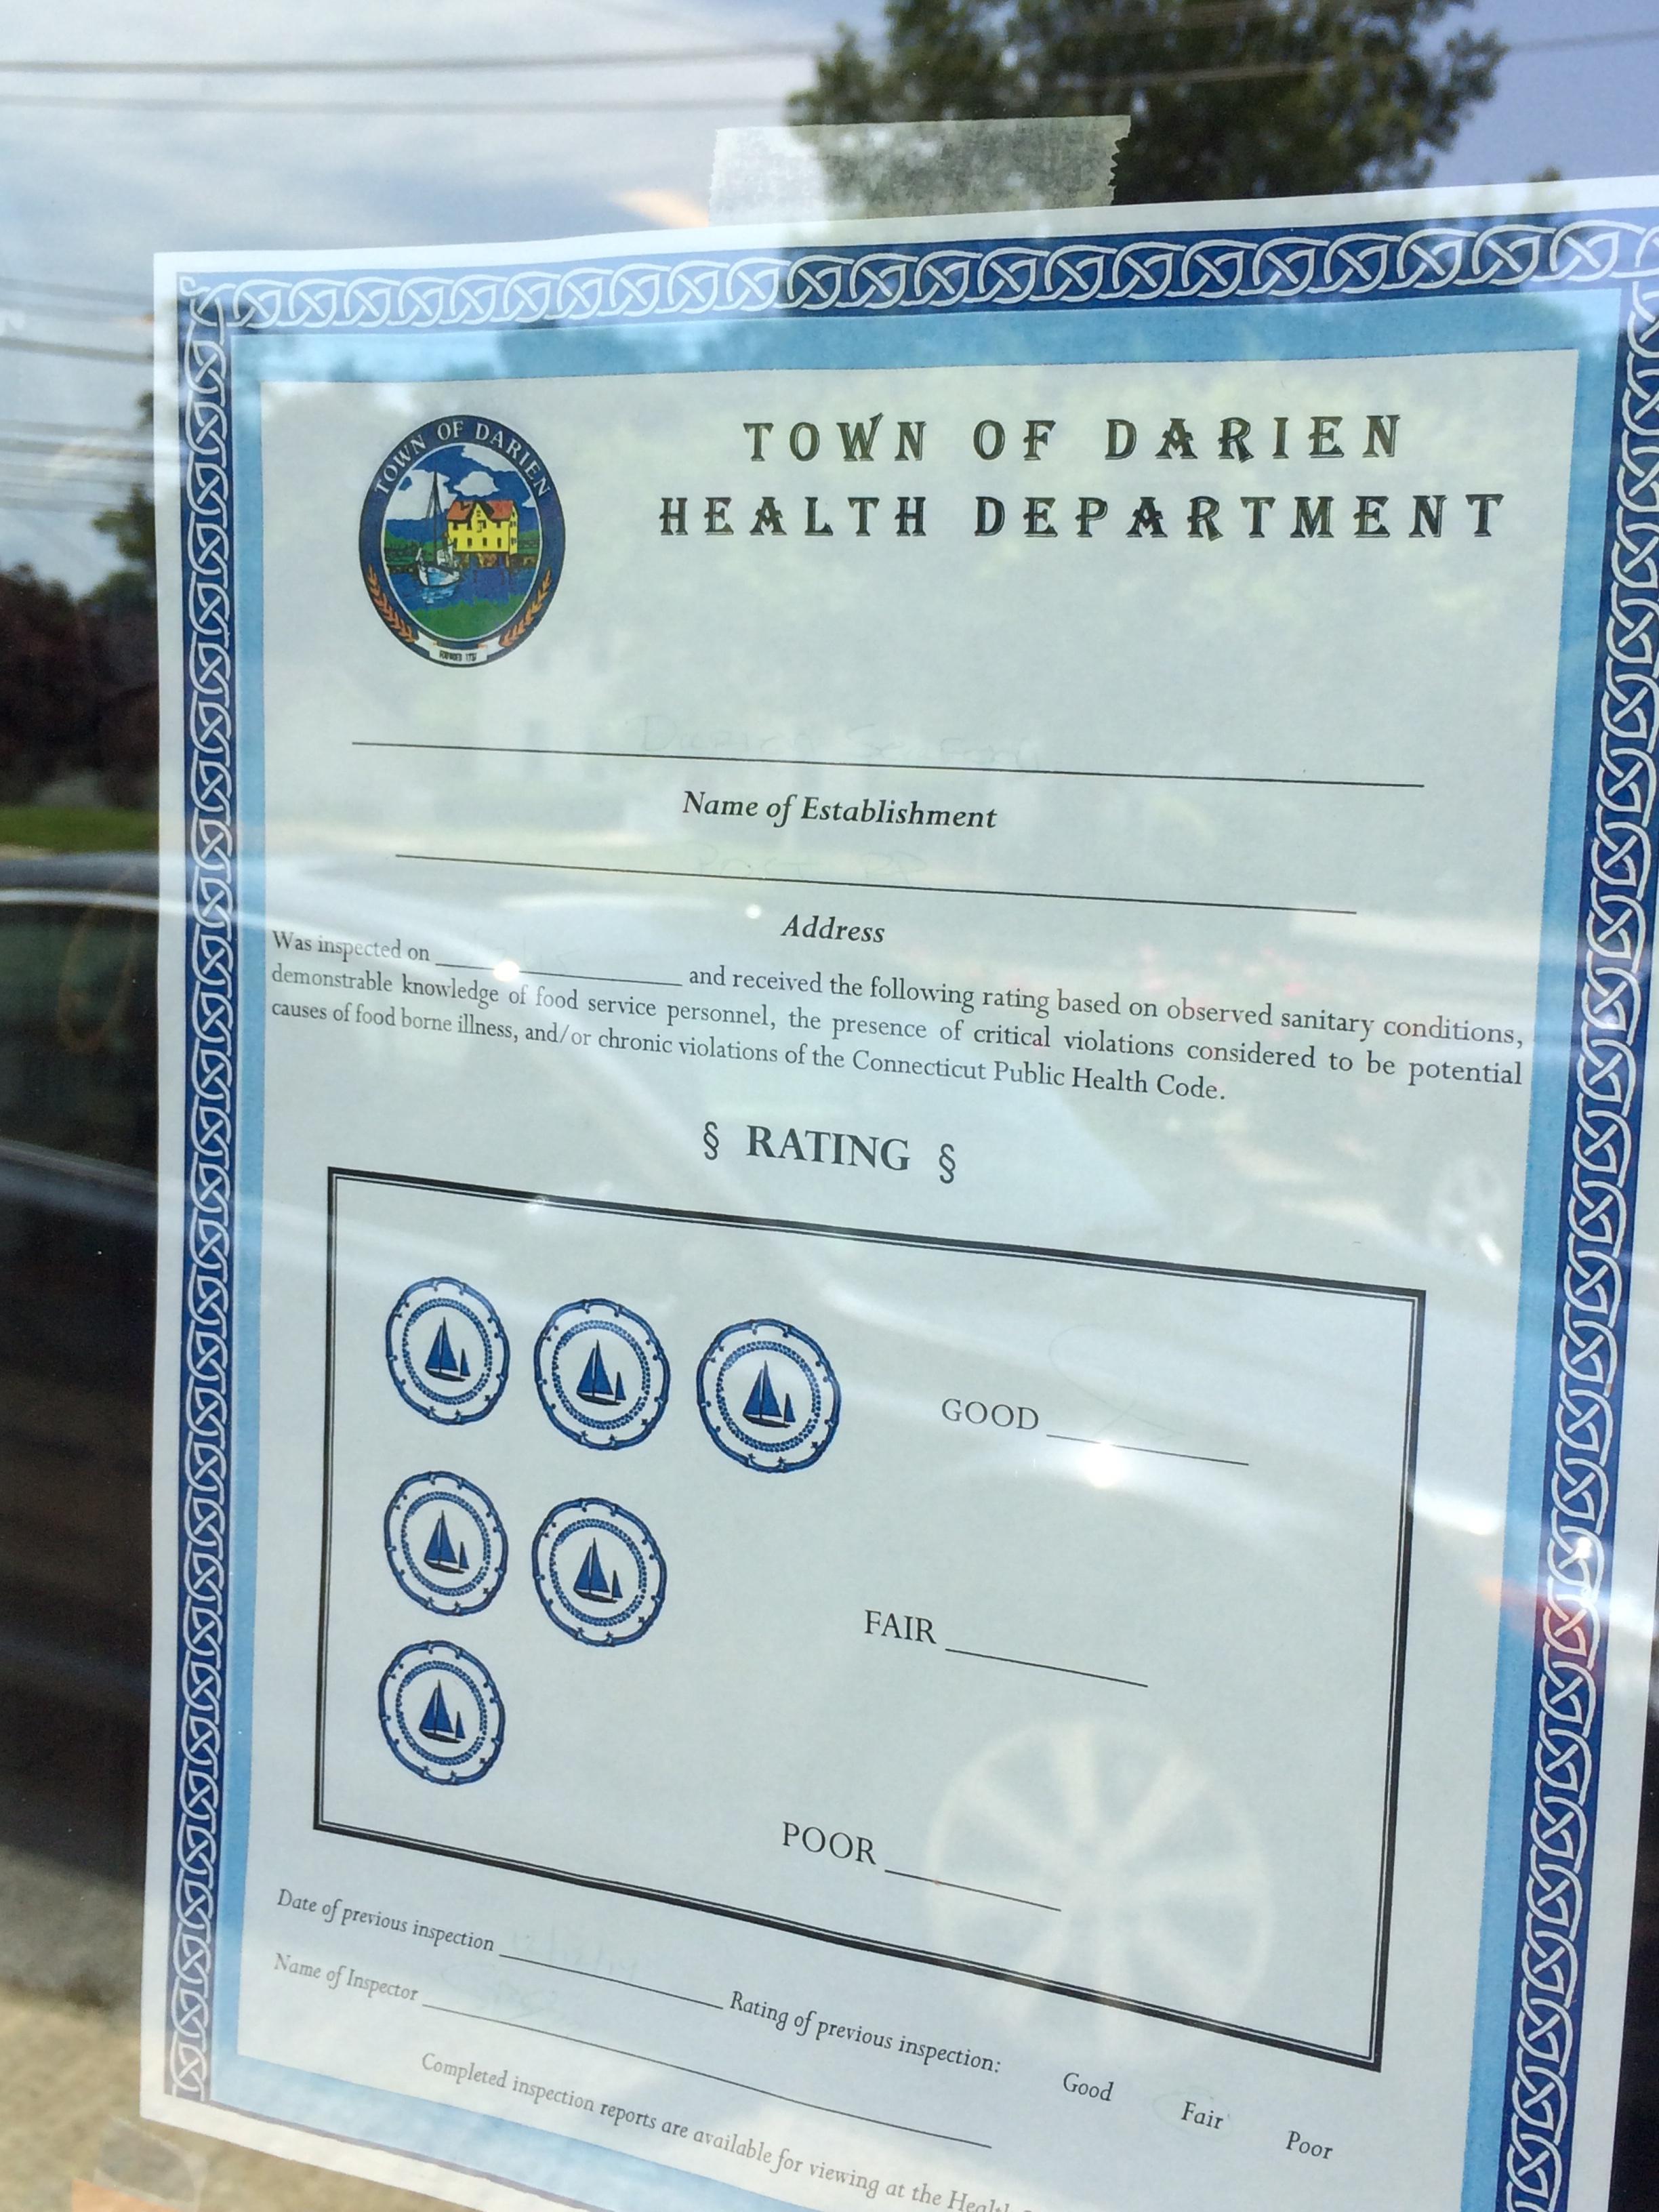 recent darien restaurant health inspections: 5 poor, 13 fair, 9